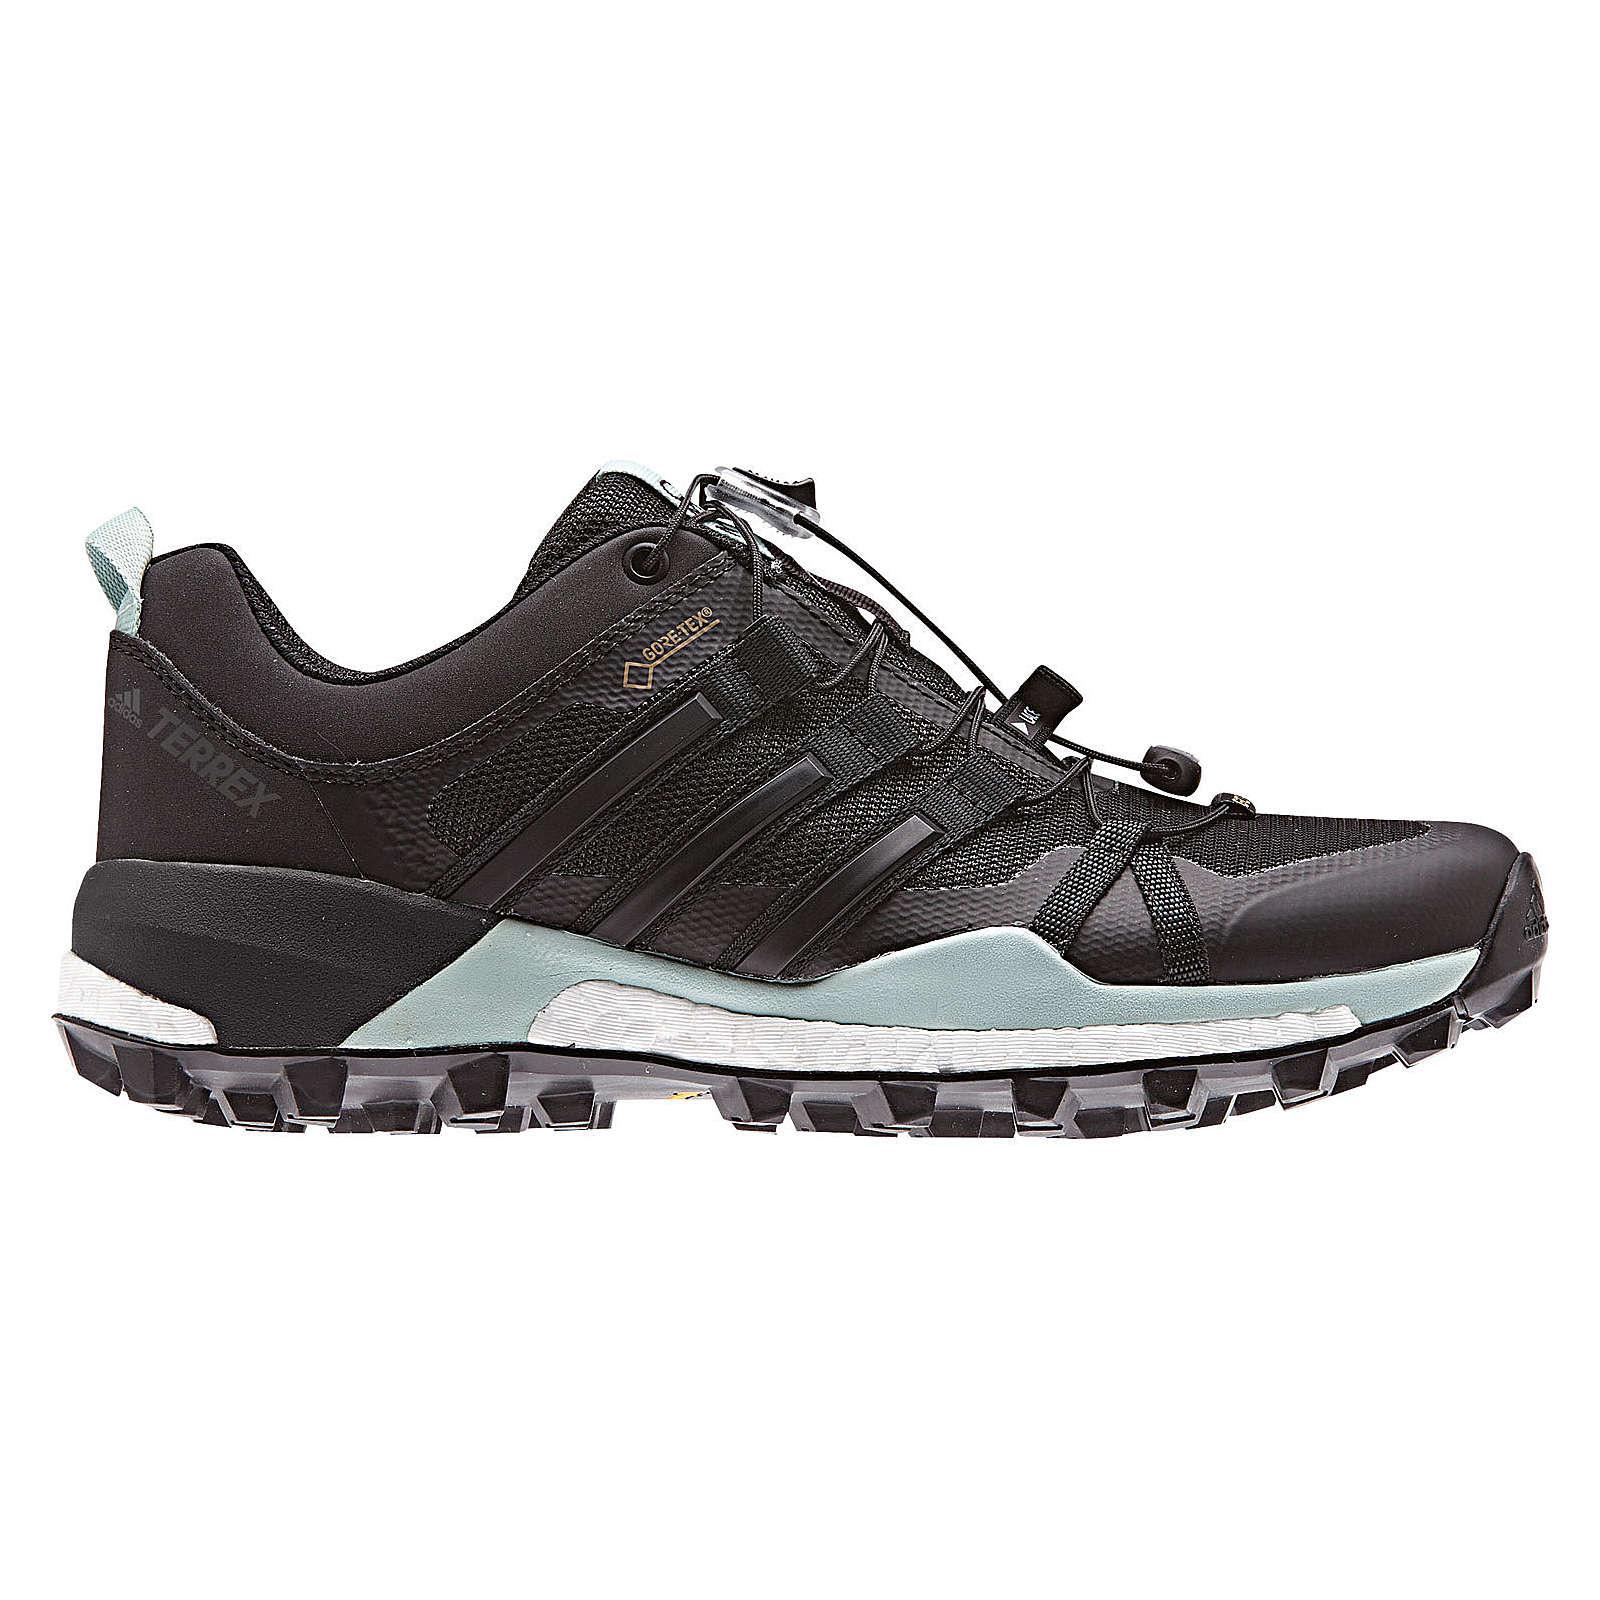 adidas TERREX Wanderschuhe Skychaser Gore Tex W Wanderschuhe schwarz Damen Gr. 45 1/3 von mirapodo - Neu in Schwarz für 179,90€